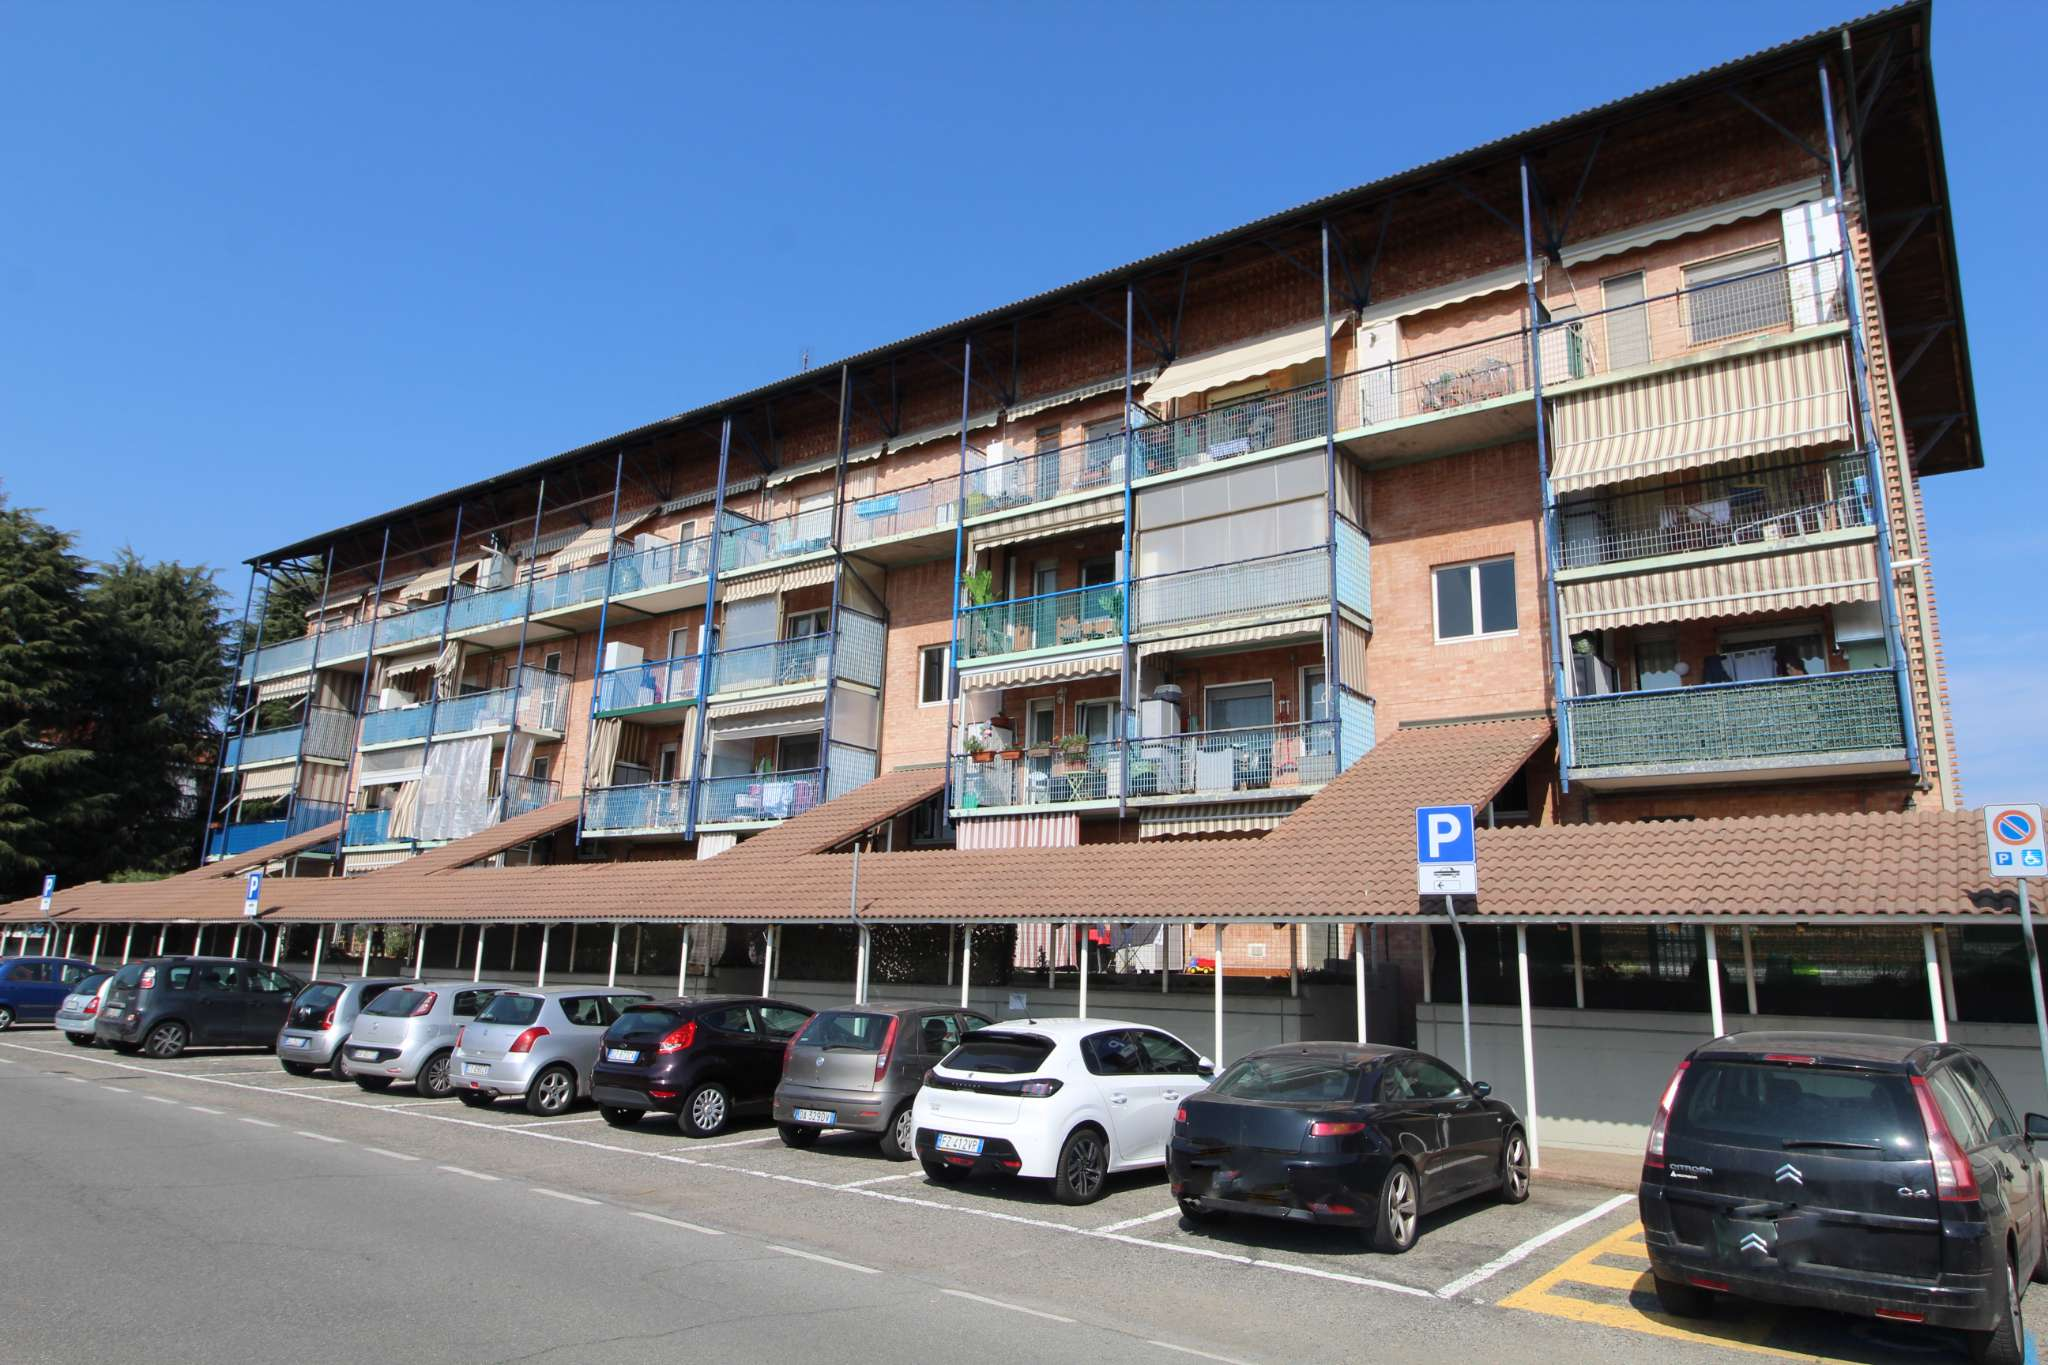 Appartamento in vendita a Candiolo, 3 locali, prezzo € 103.000 | CambioCasa.it